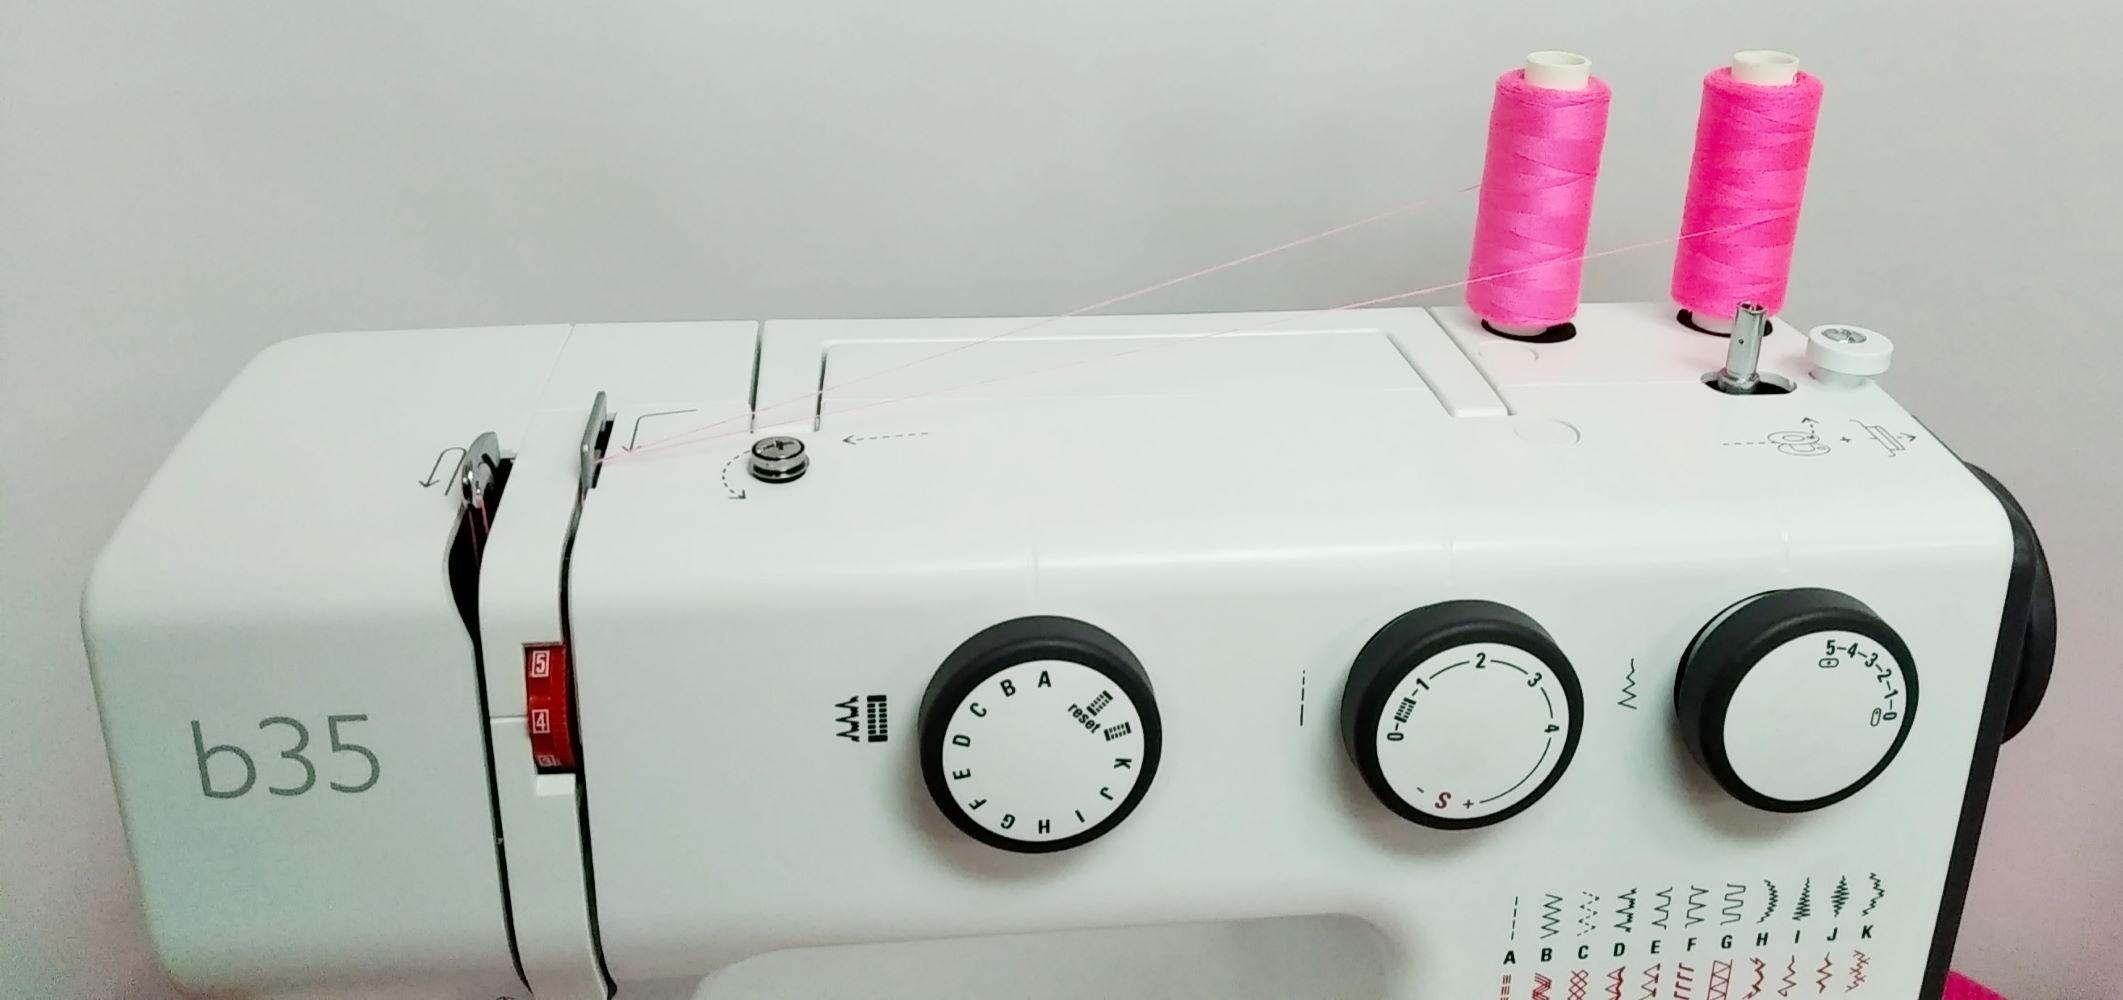 Швейная машина b35